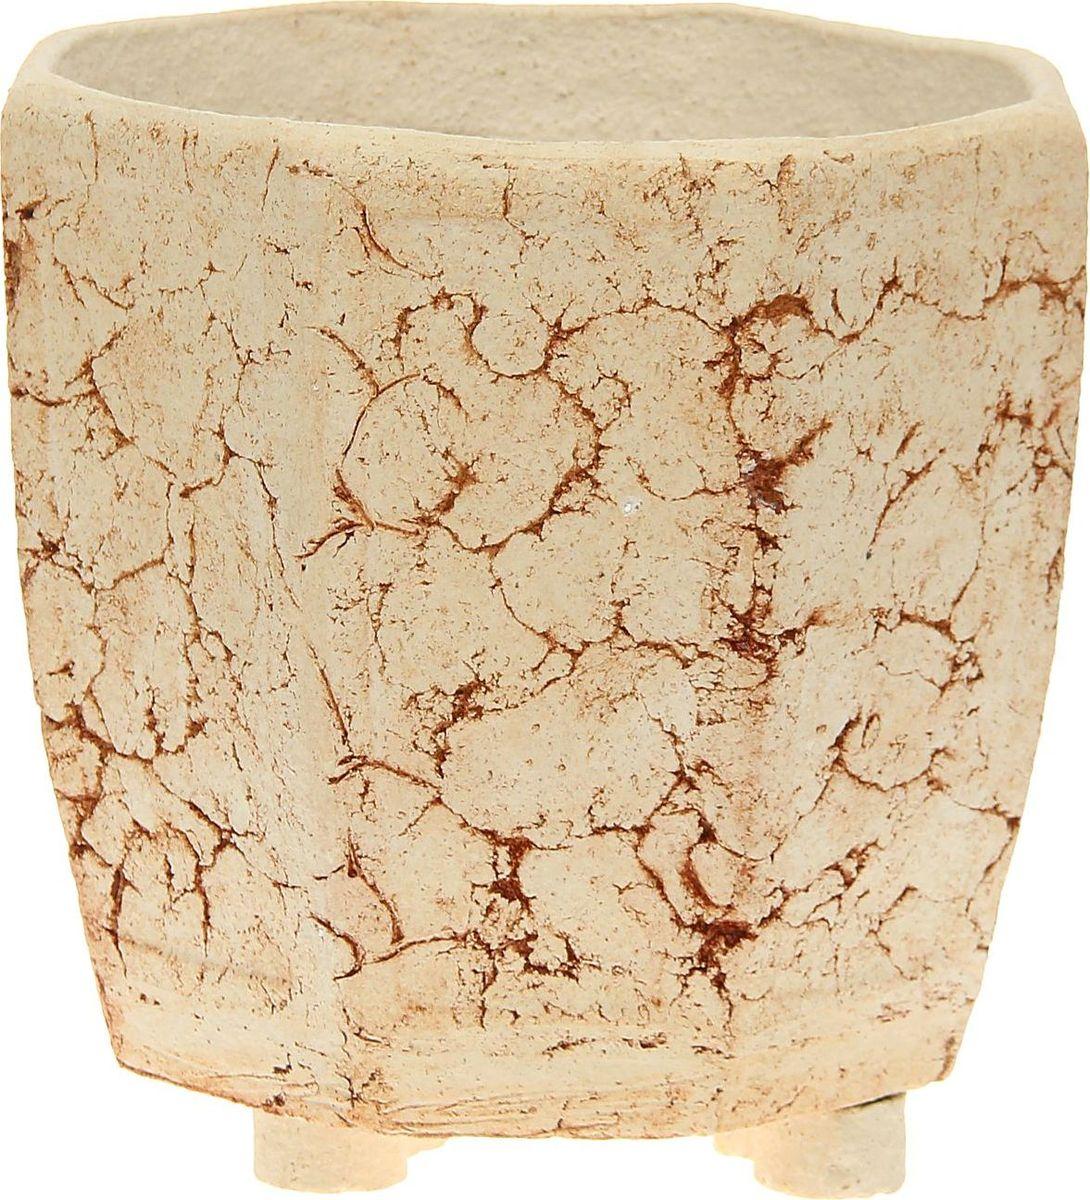 Кашпо Фаворит, 26 х 26 х 24 см1171974Комнатные растения — всеобщие любимцы. Они радуют глаз, насыщают помещение кислородом и украшают пространство. Каждому из них необходим свой удобный и красивый дом. Кашпо из керамики прекрасно подходят для высадки растений: за счет пластичности глины и разных способов обработки существует великое множество форм и дизайнов пористый материал позволяет испаряться лишней влаге воздух, необходимый для дыхания корней, проникает сквозь керамические стенки! позаботится о зеленом питомце, освежит интерьер и подчеркнет его стиль.